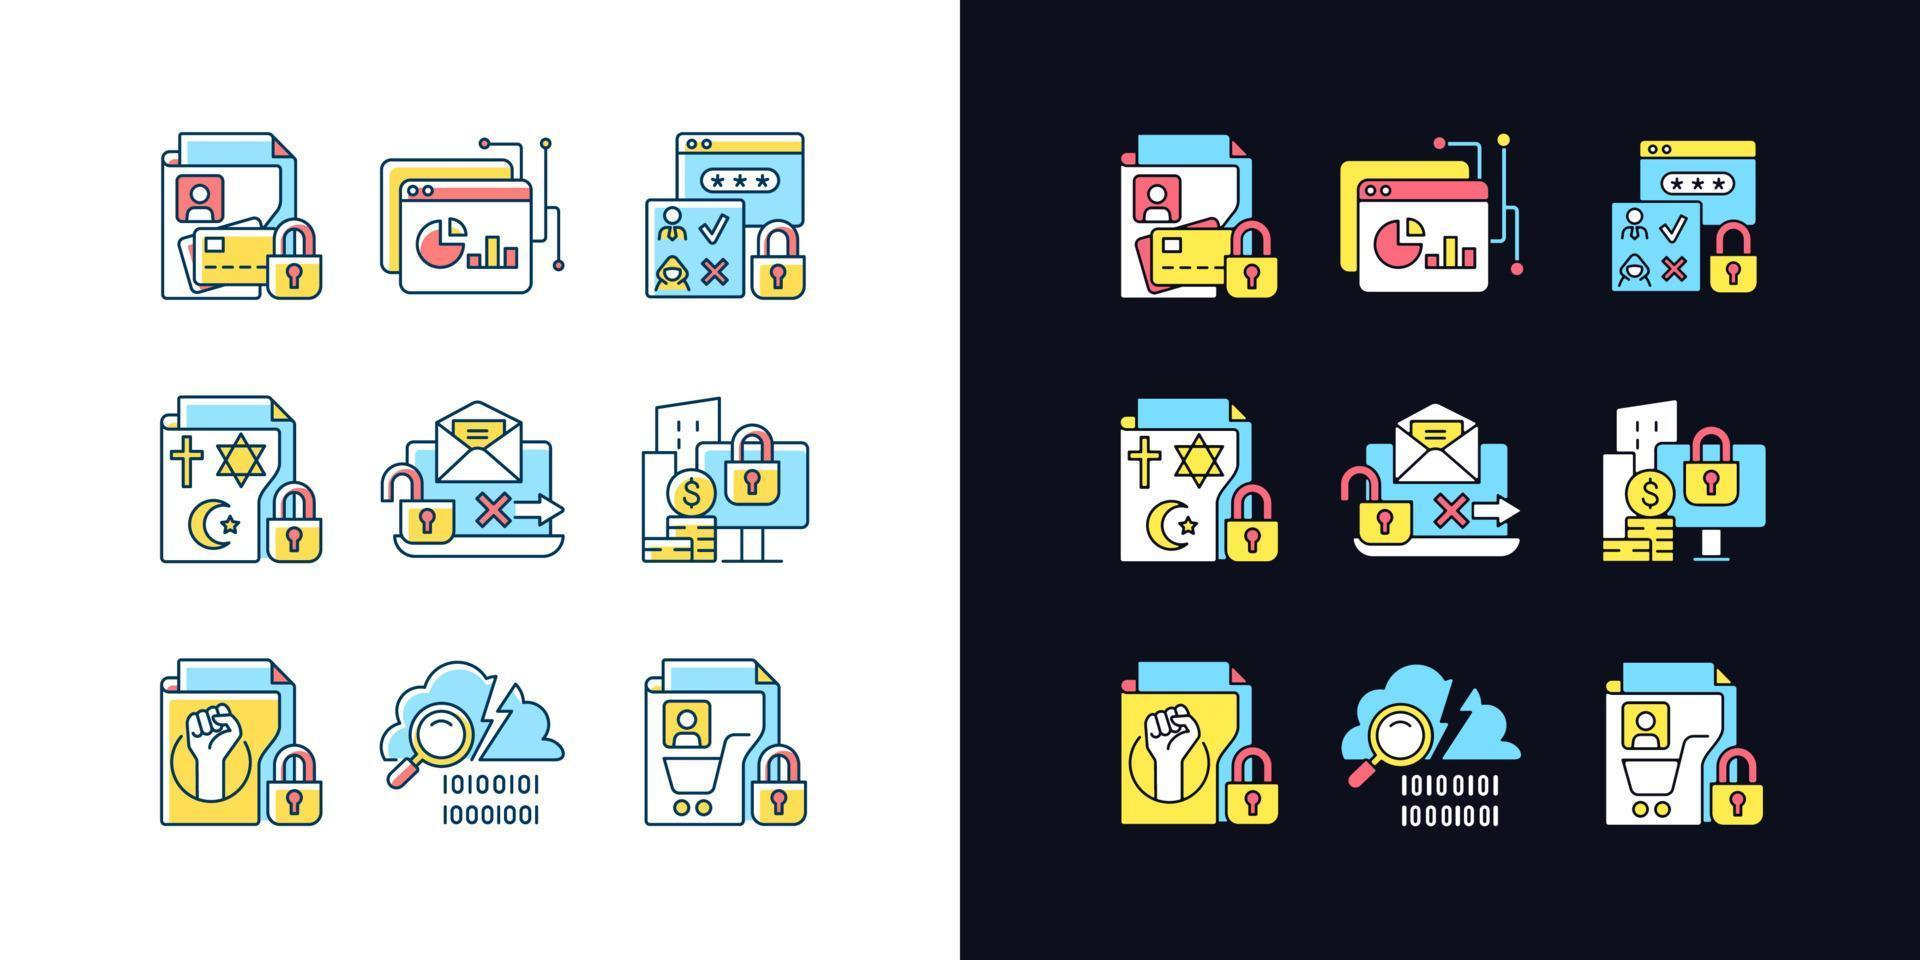 informações pessoais conjunto de ícones de cores rgb de tema claro e escuro vetor